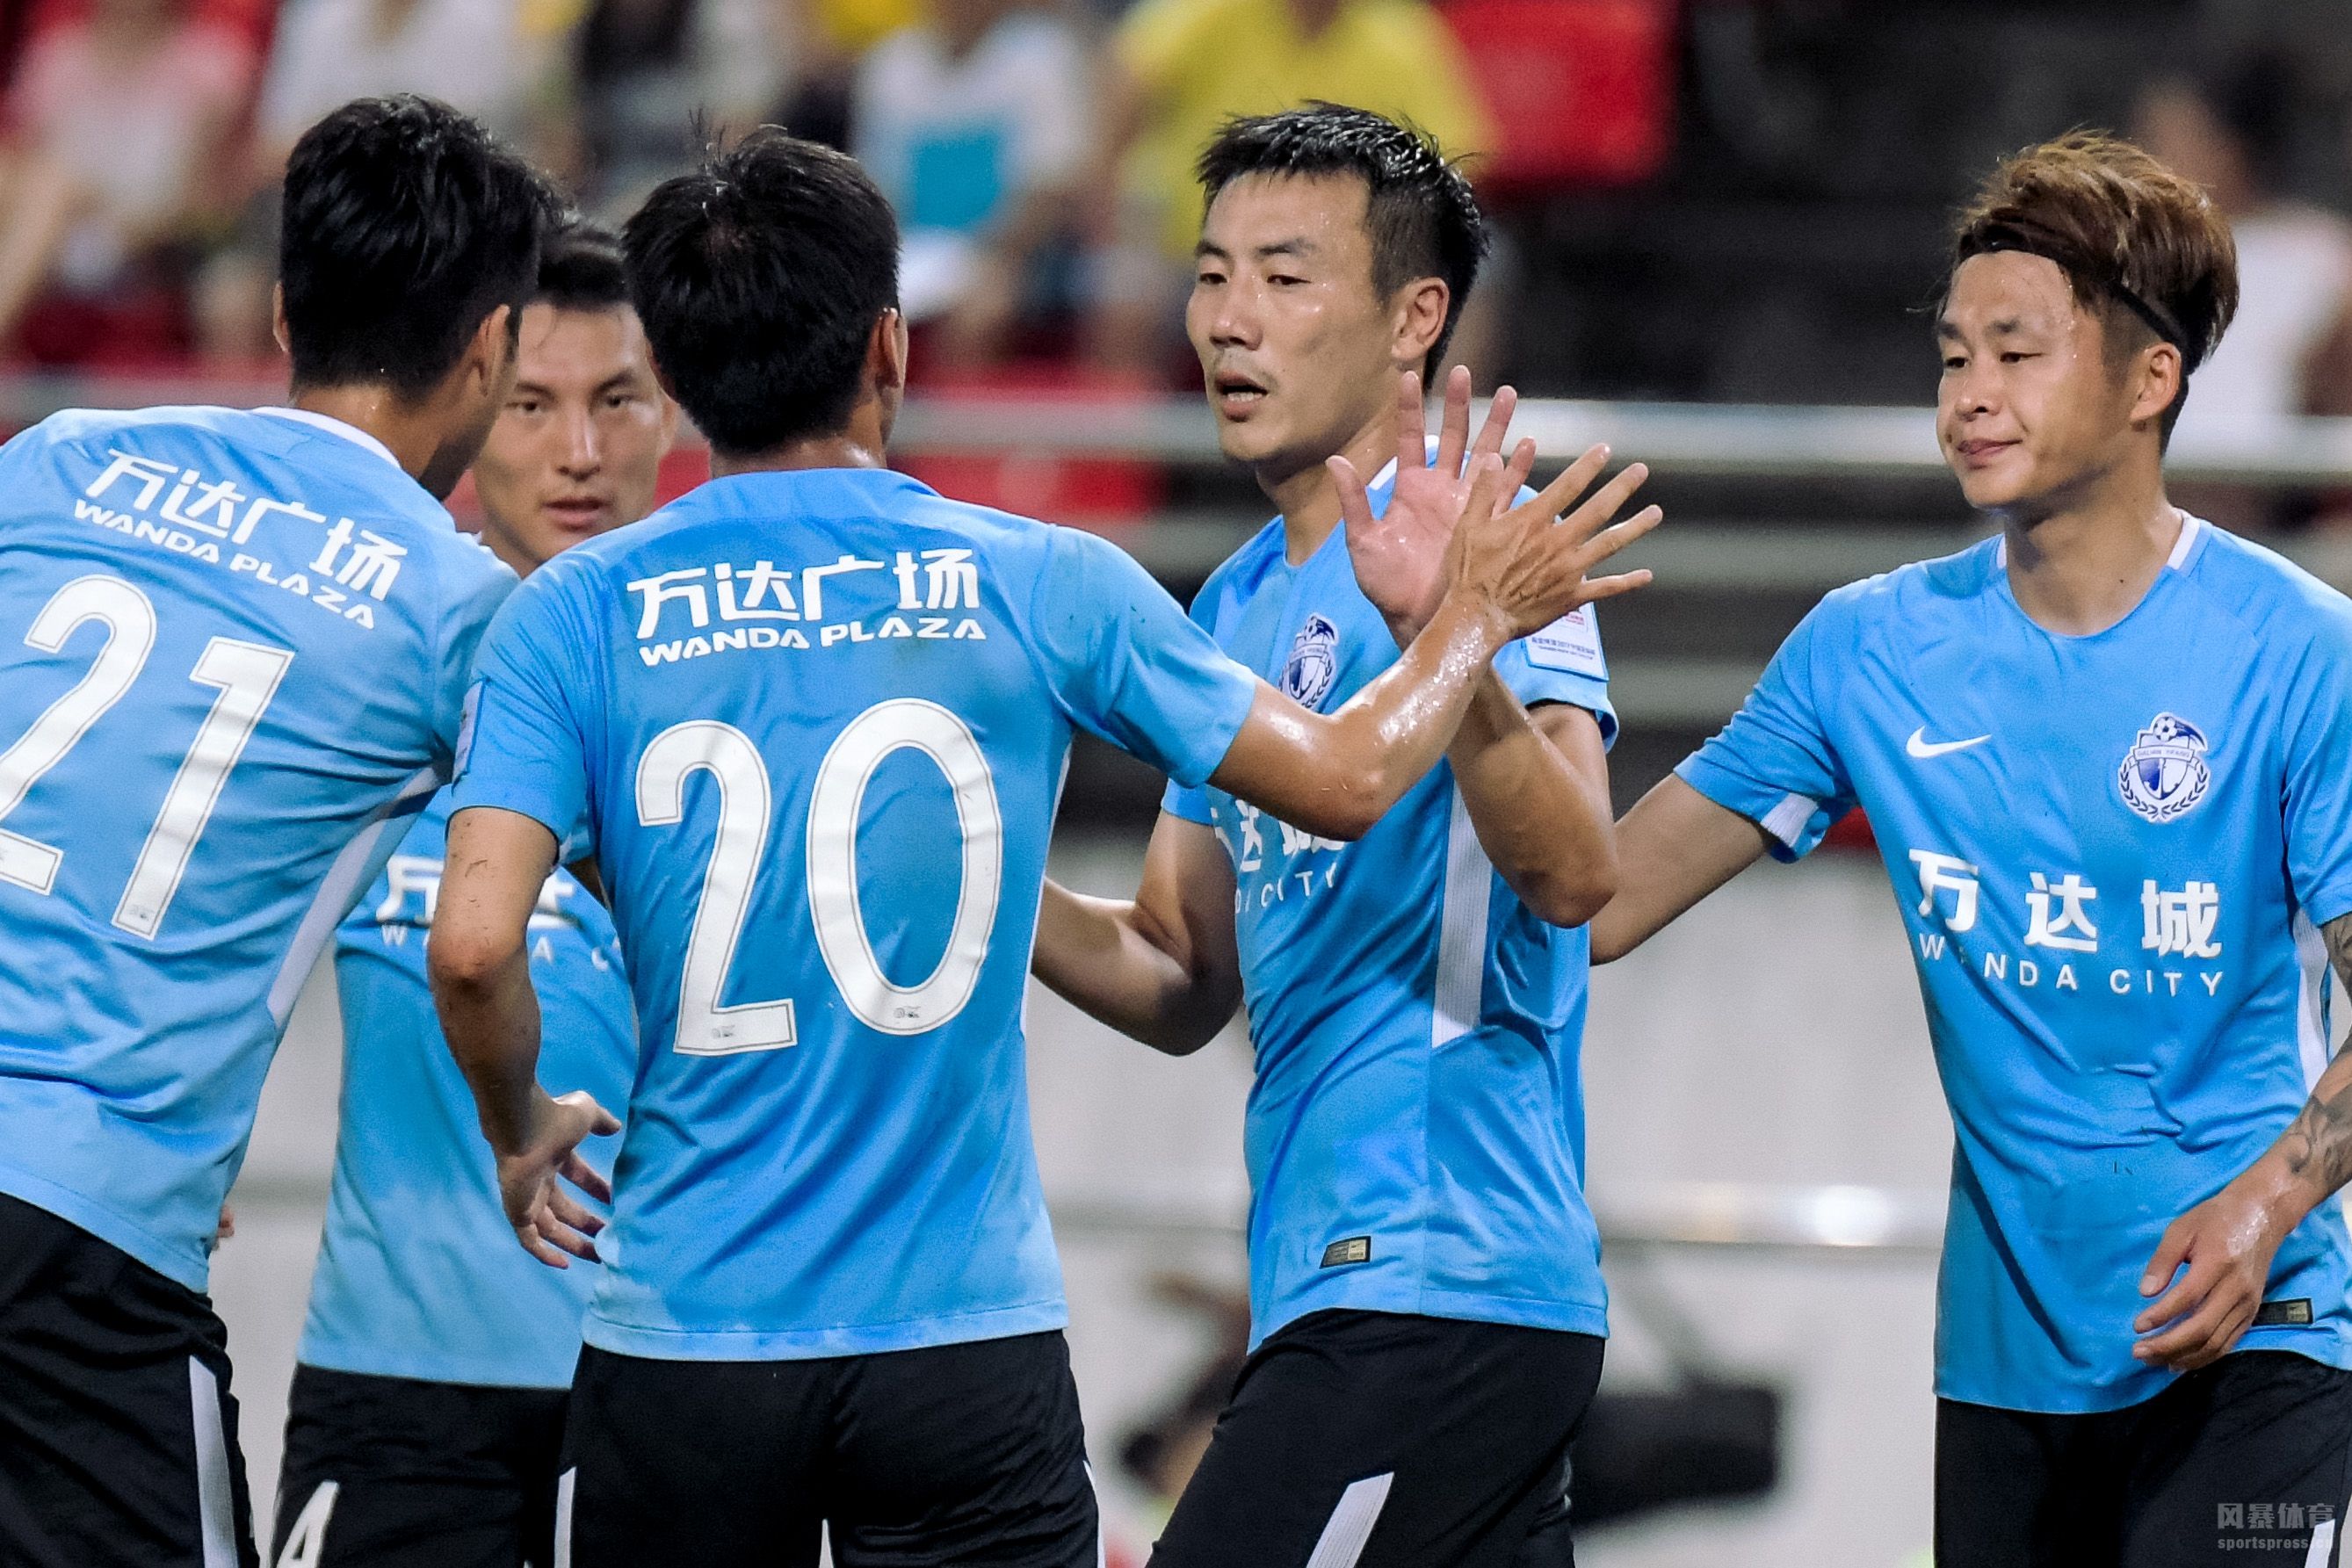 2018中国足协杯四强产生,国安点球大战淘汰上港,与富力会师半决赛;鲁能则与大连一方争夺另一个决赛名额。